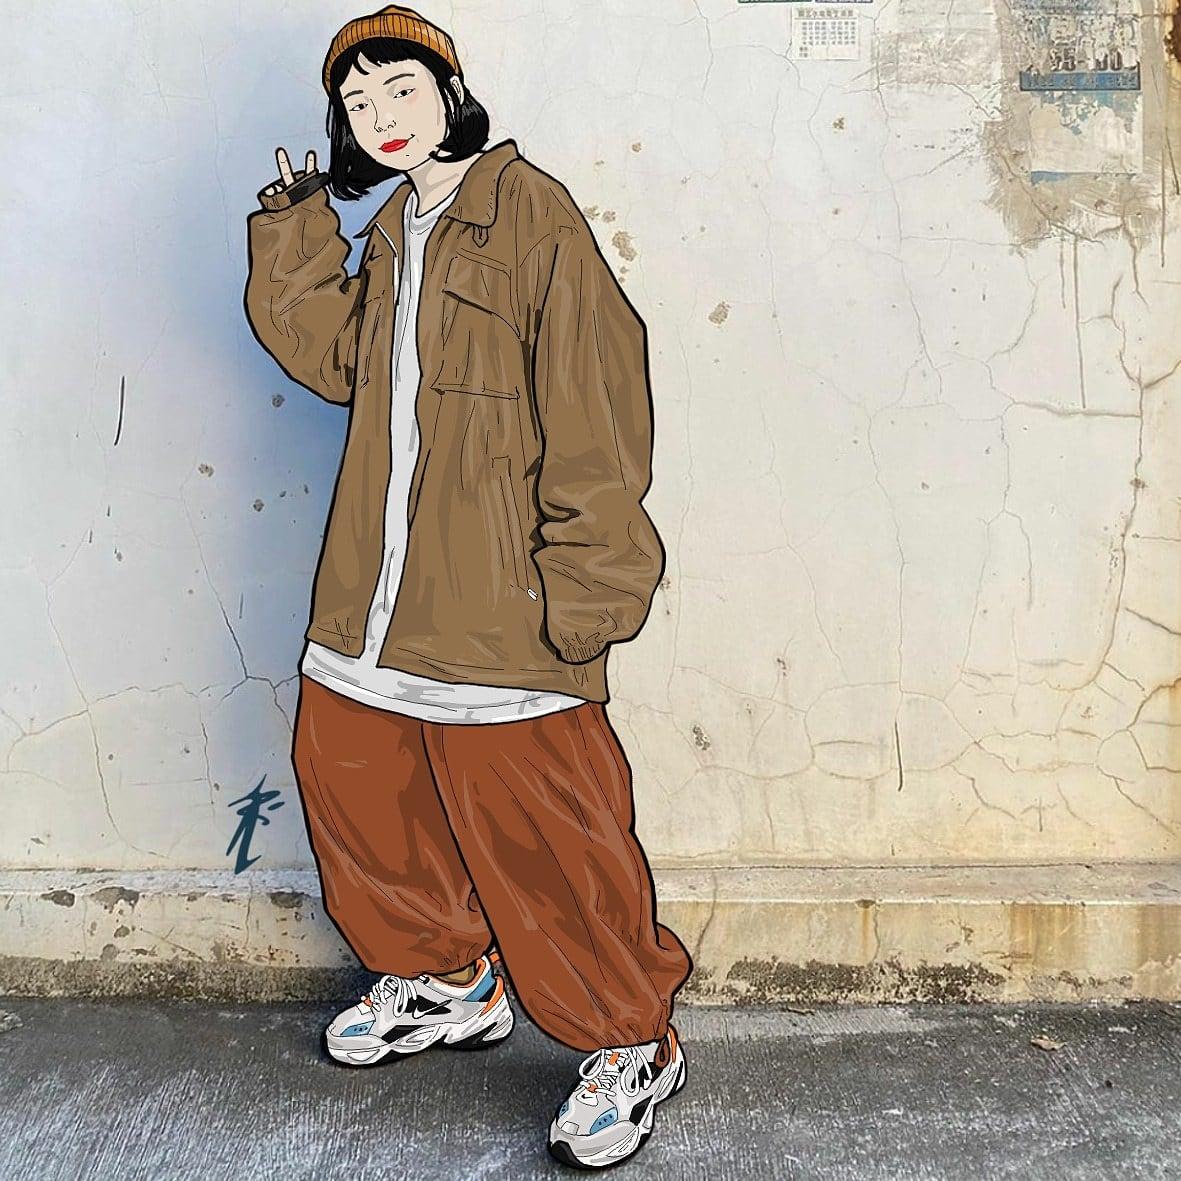 mode et art numérique artiste-mode-asian style-by-aridan512